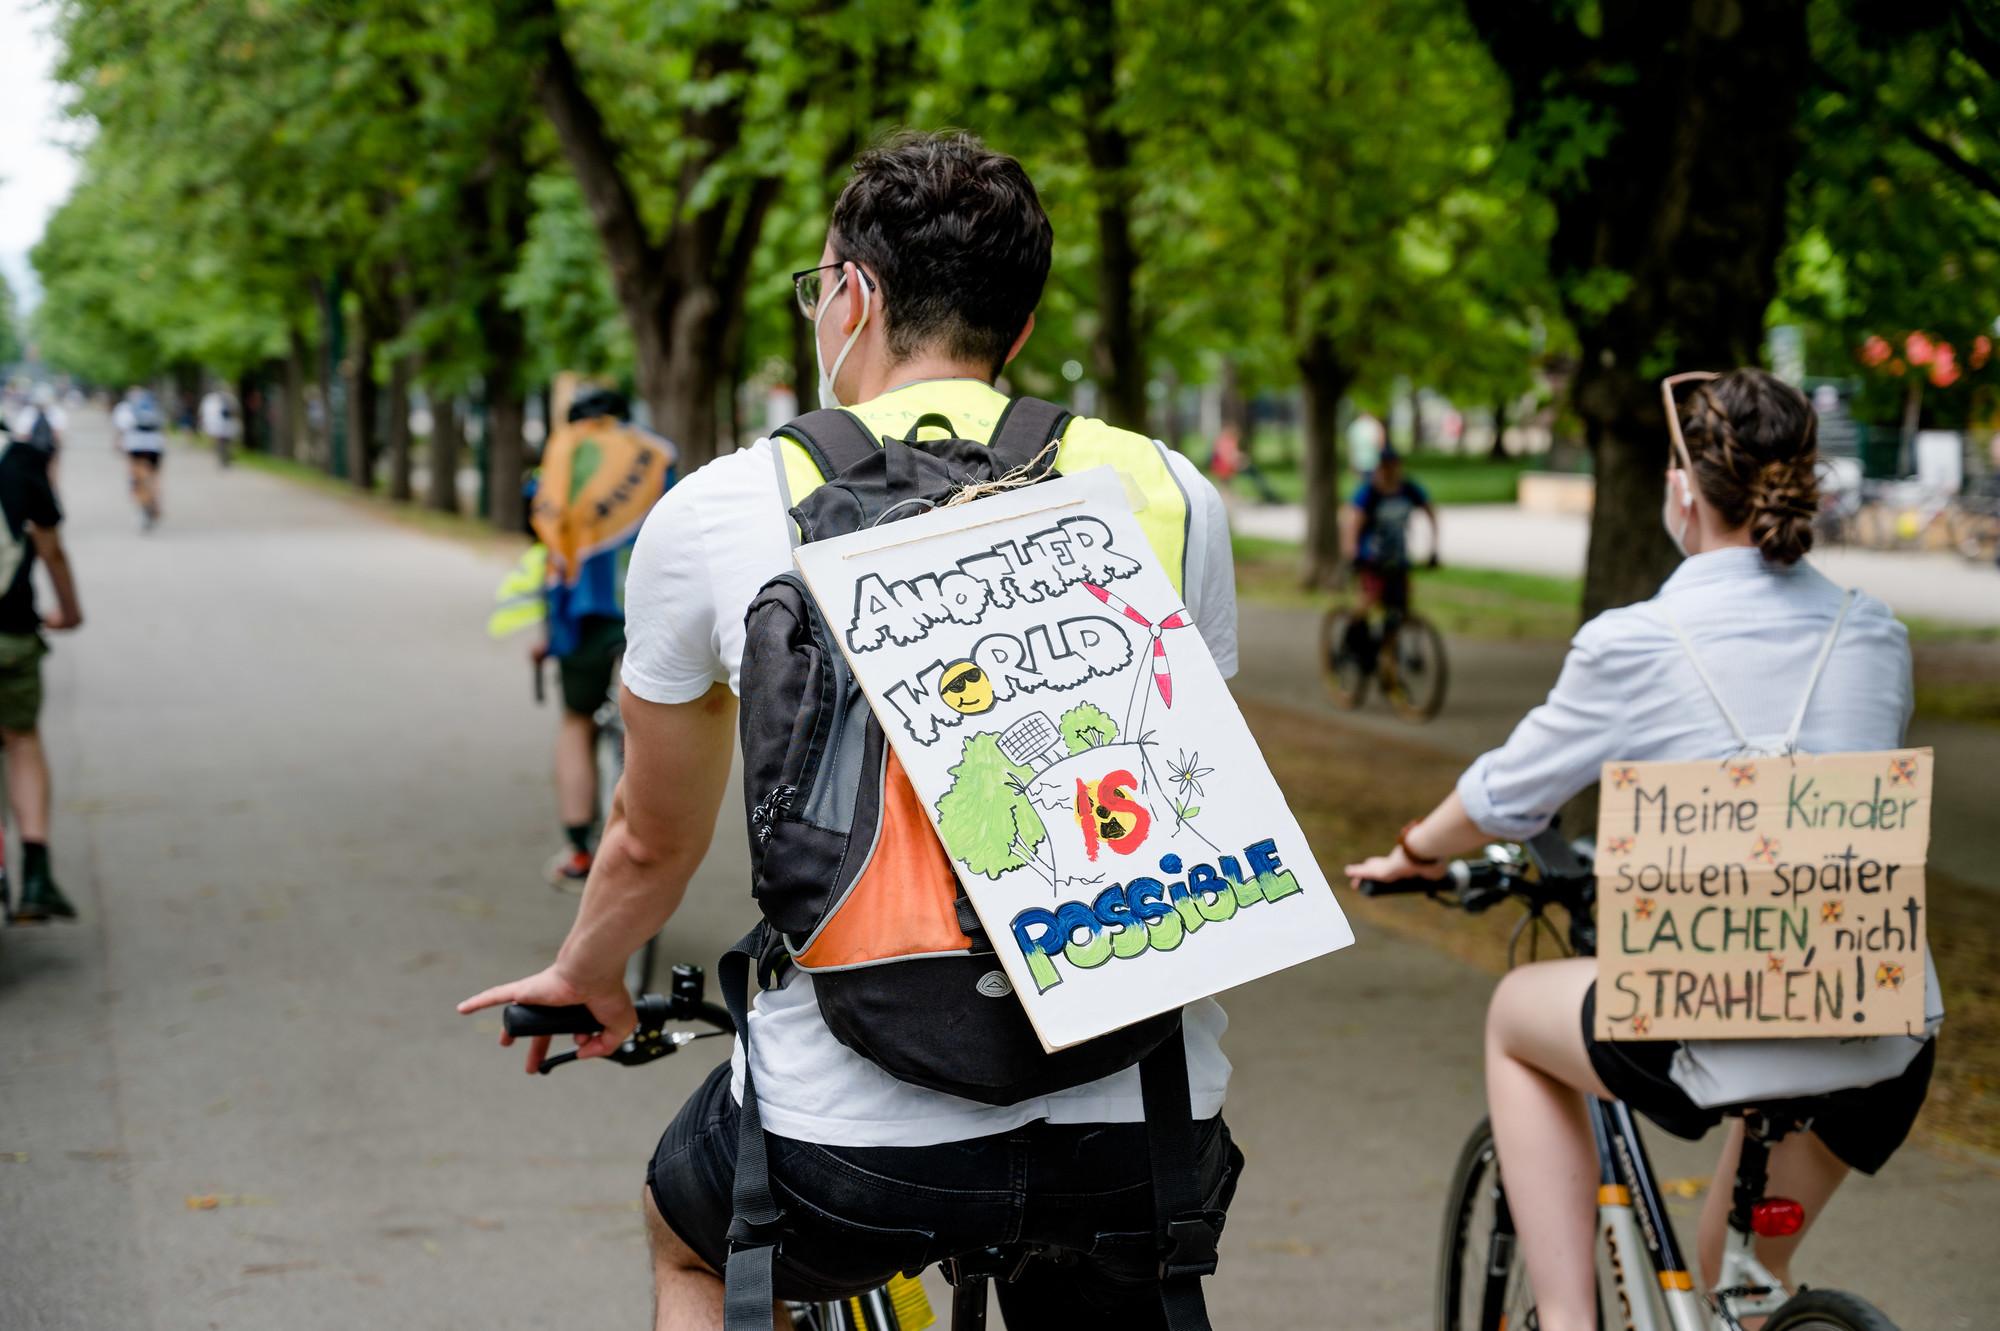 """Aufnahme von zwei DemonstrantInnen mit Protestschildern am Rücken """"Another World is possible"""""""